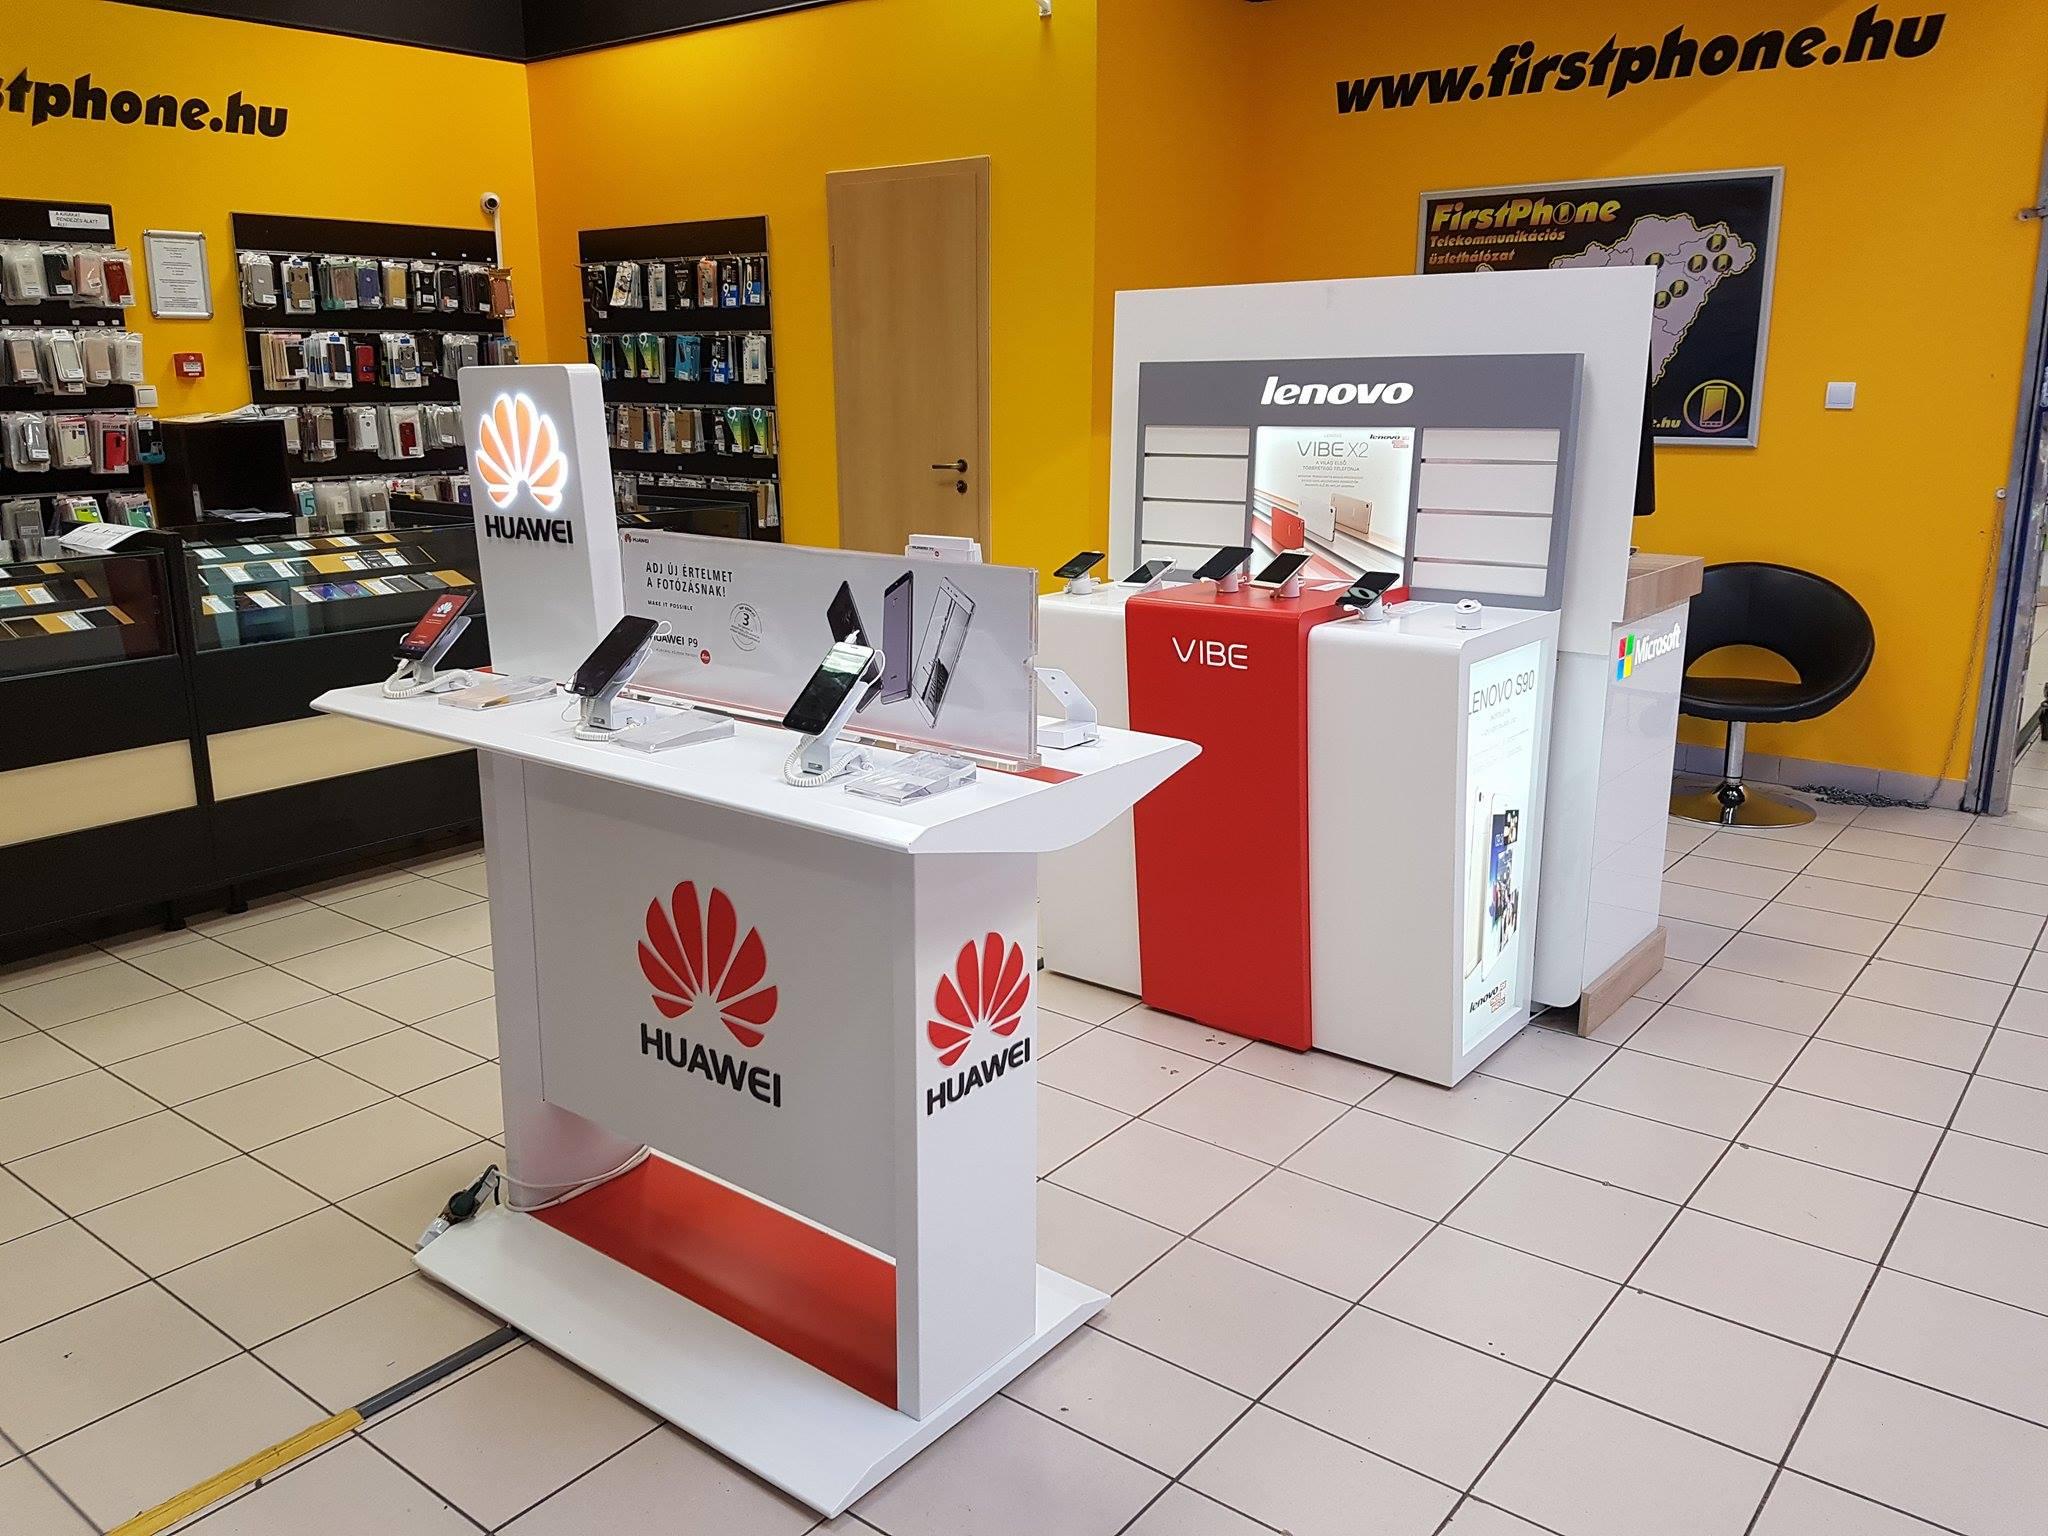 Kiemelt Huawei asztal egy FirstPhone üzletben